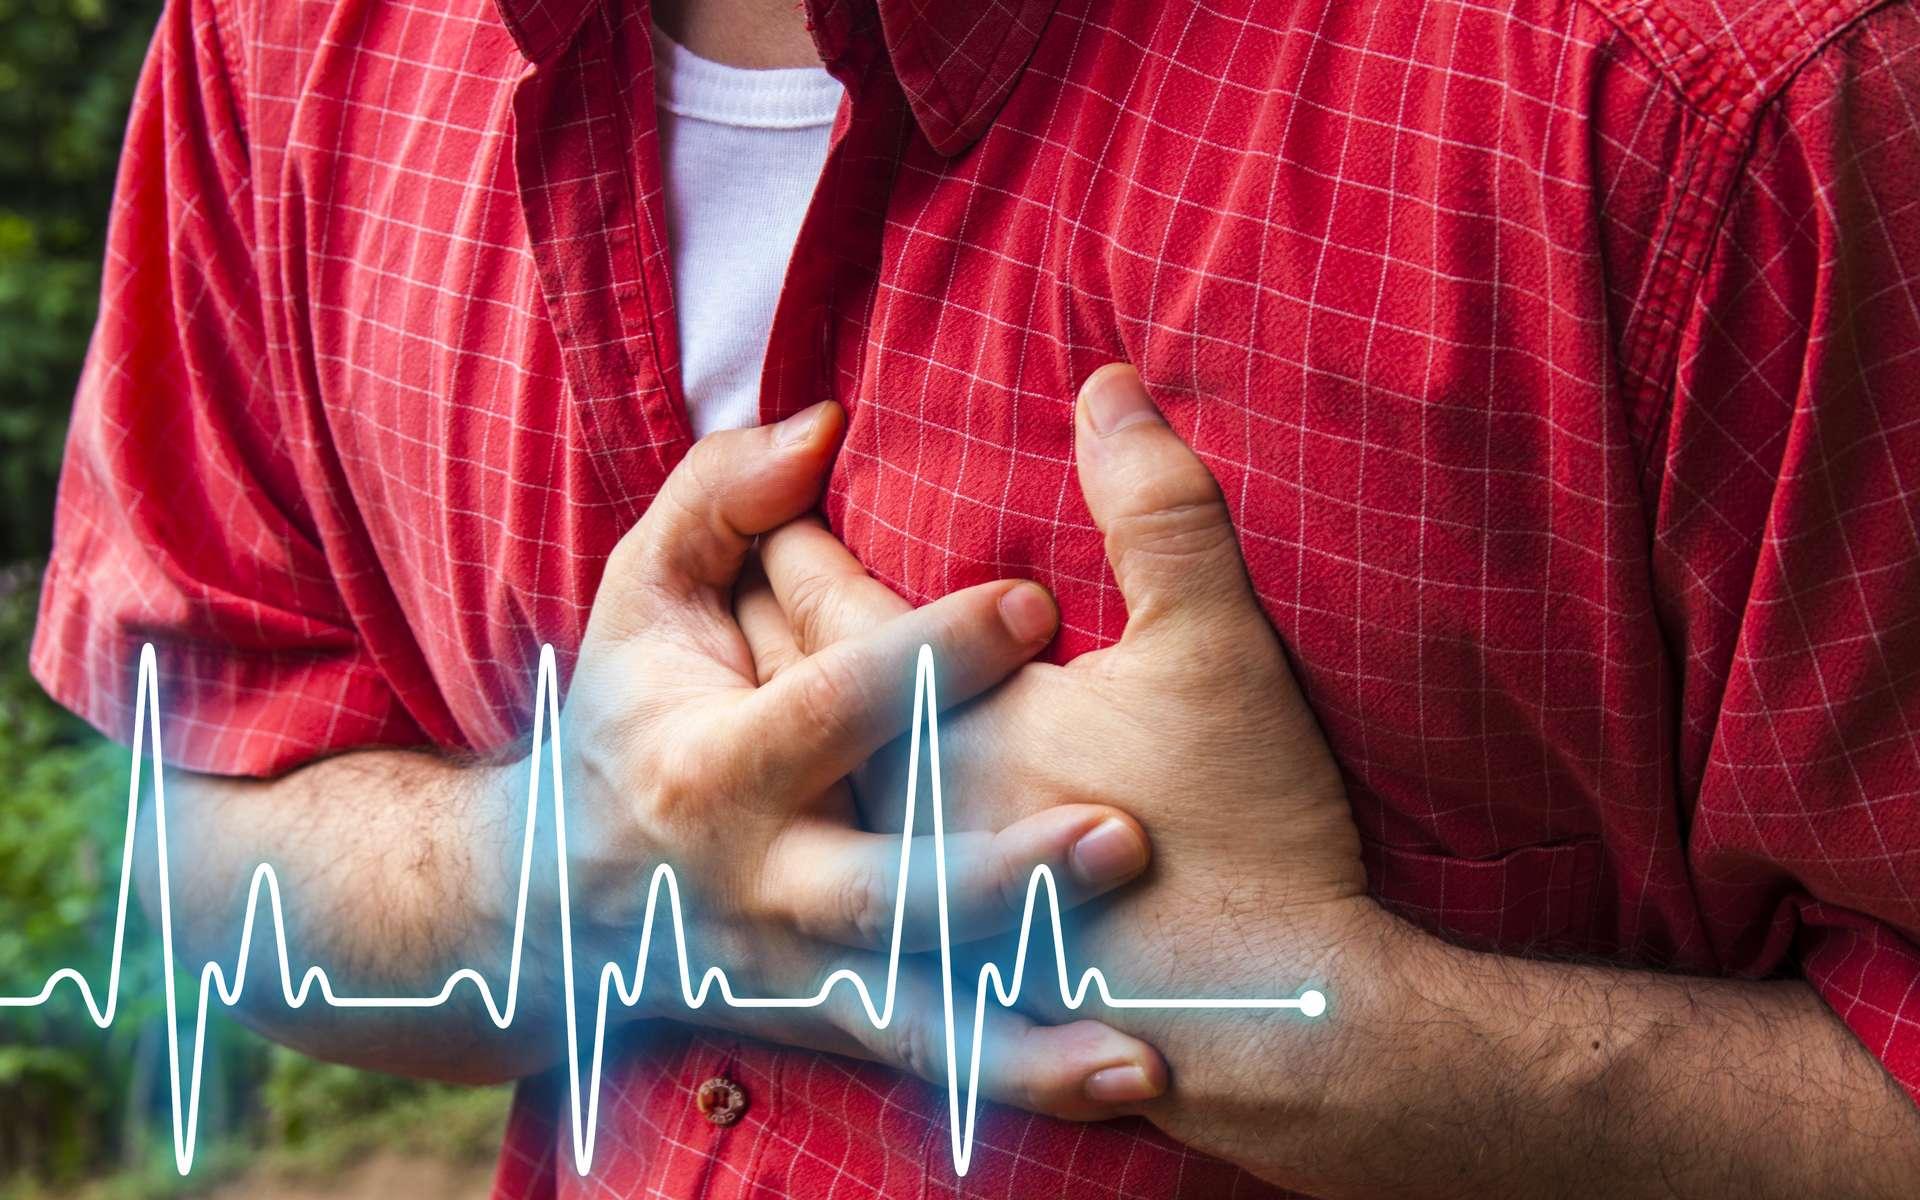 Une étude américaine montre qu'un traitement médicamenteux seul n'a pas entraîné un nombre plus élevé de crises cardiaques ou de décès que chez les patients traités par pontage coronarien ou endoprothèse. © hriana, Adobe Stock